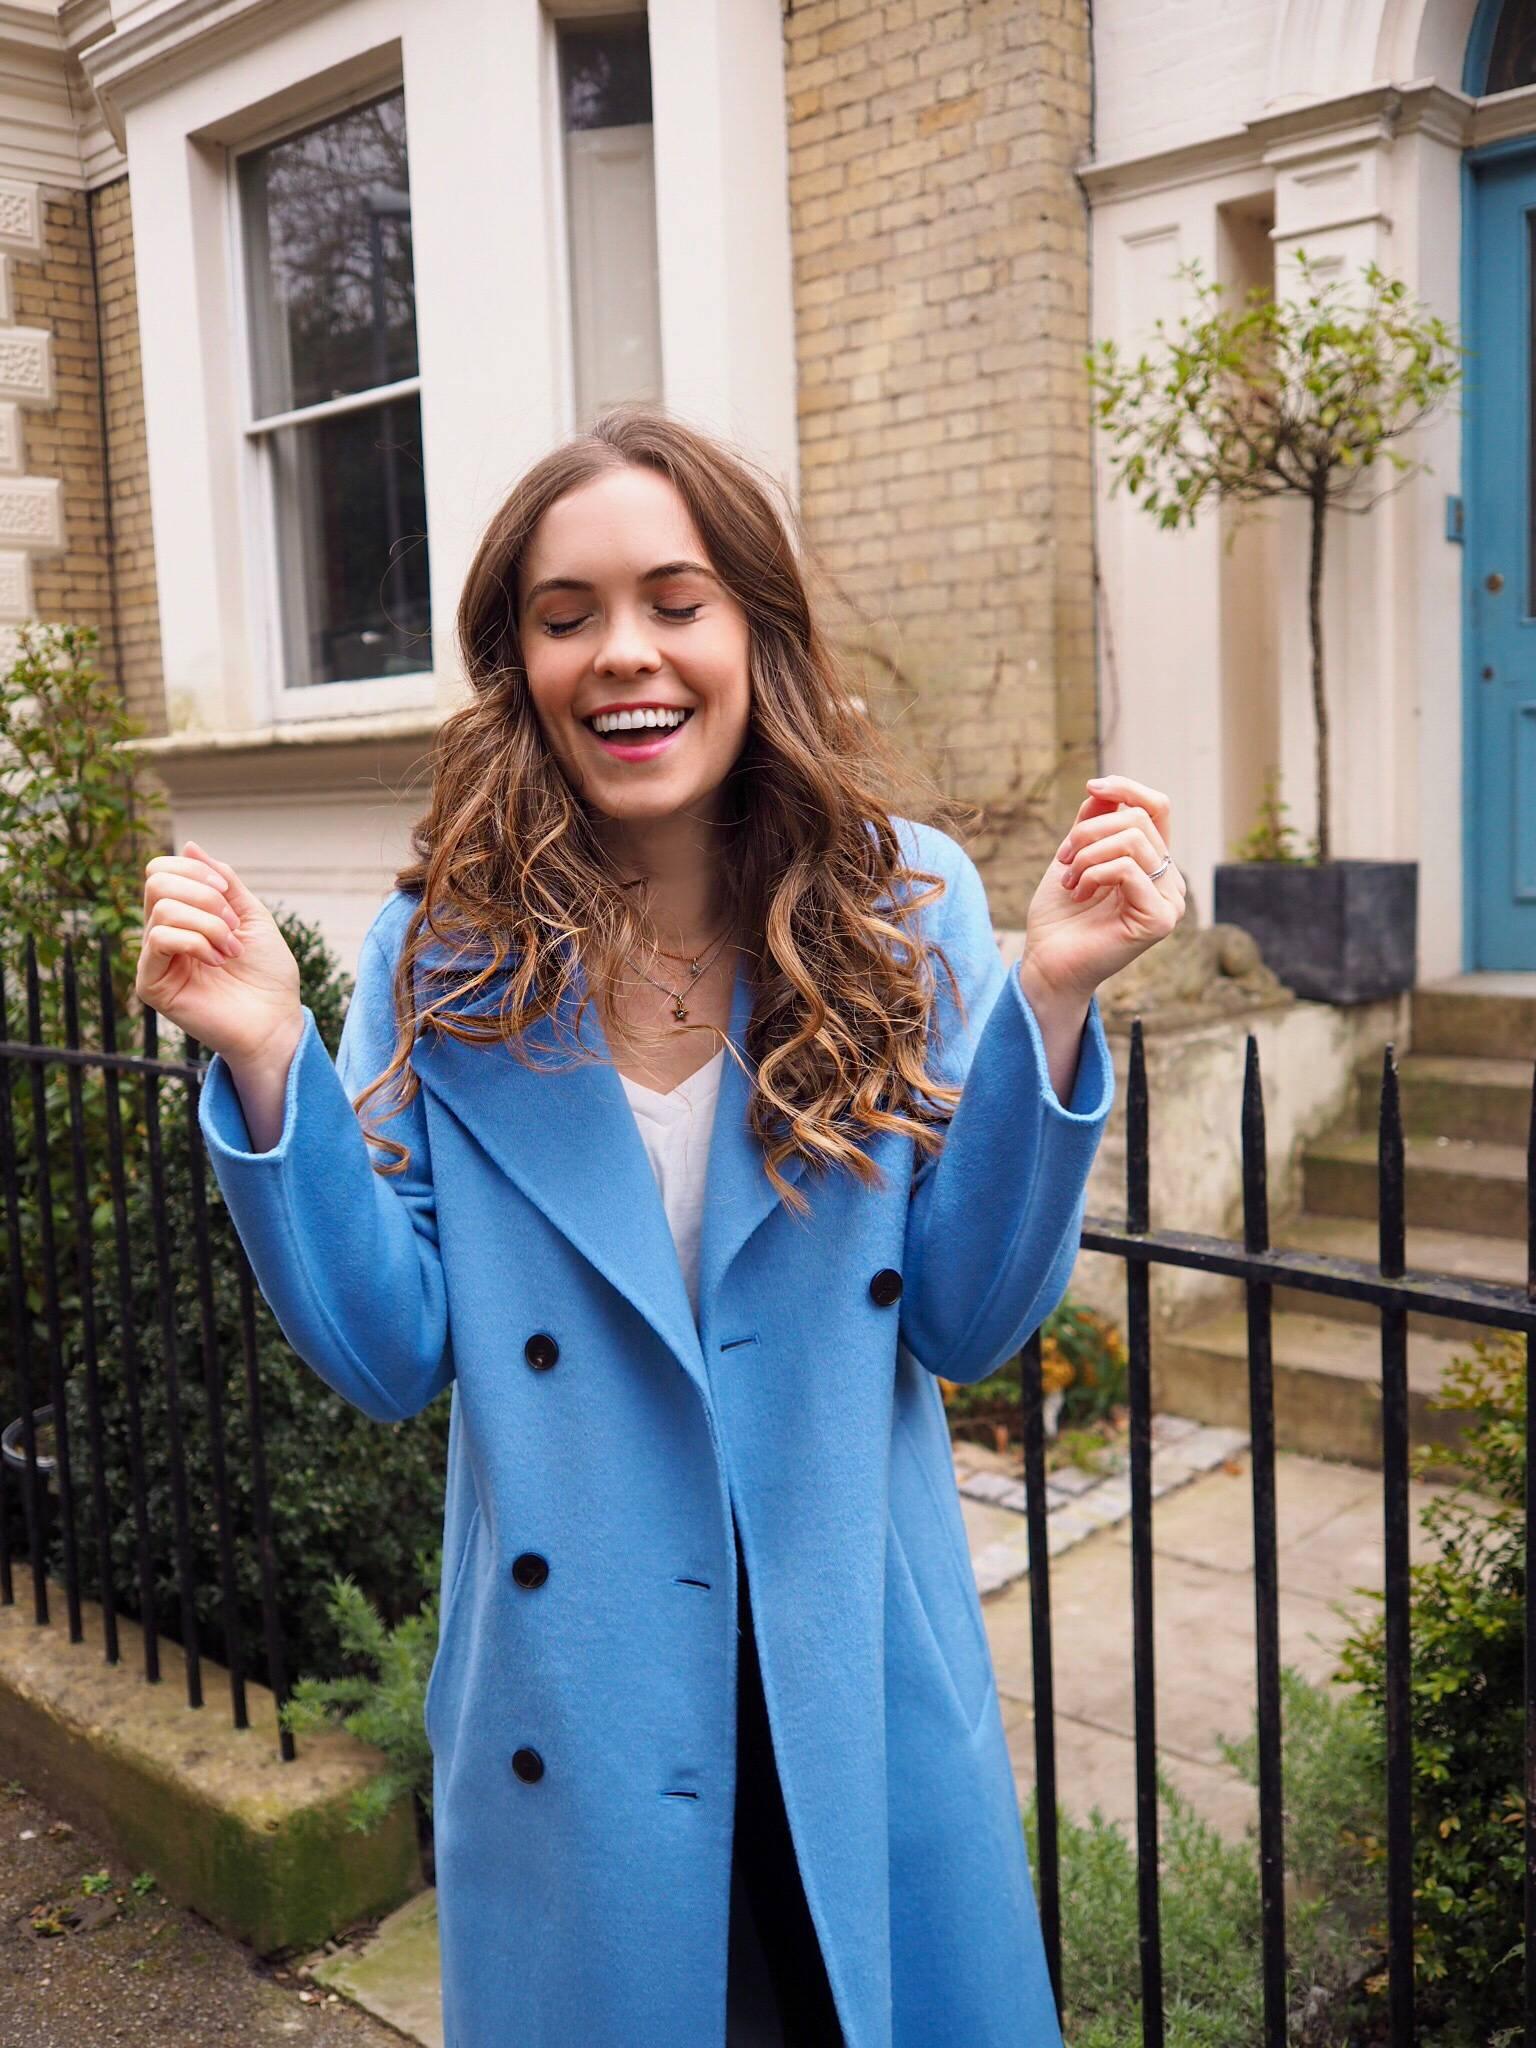 SPRING TREND // PASTEL BLUE | Megan Taylor